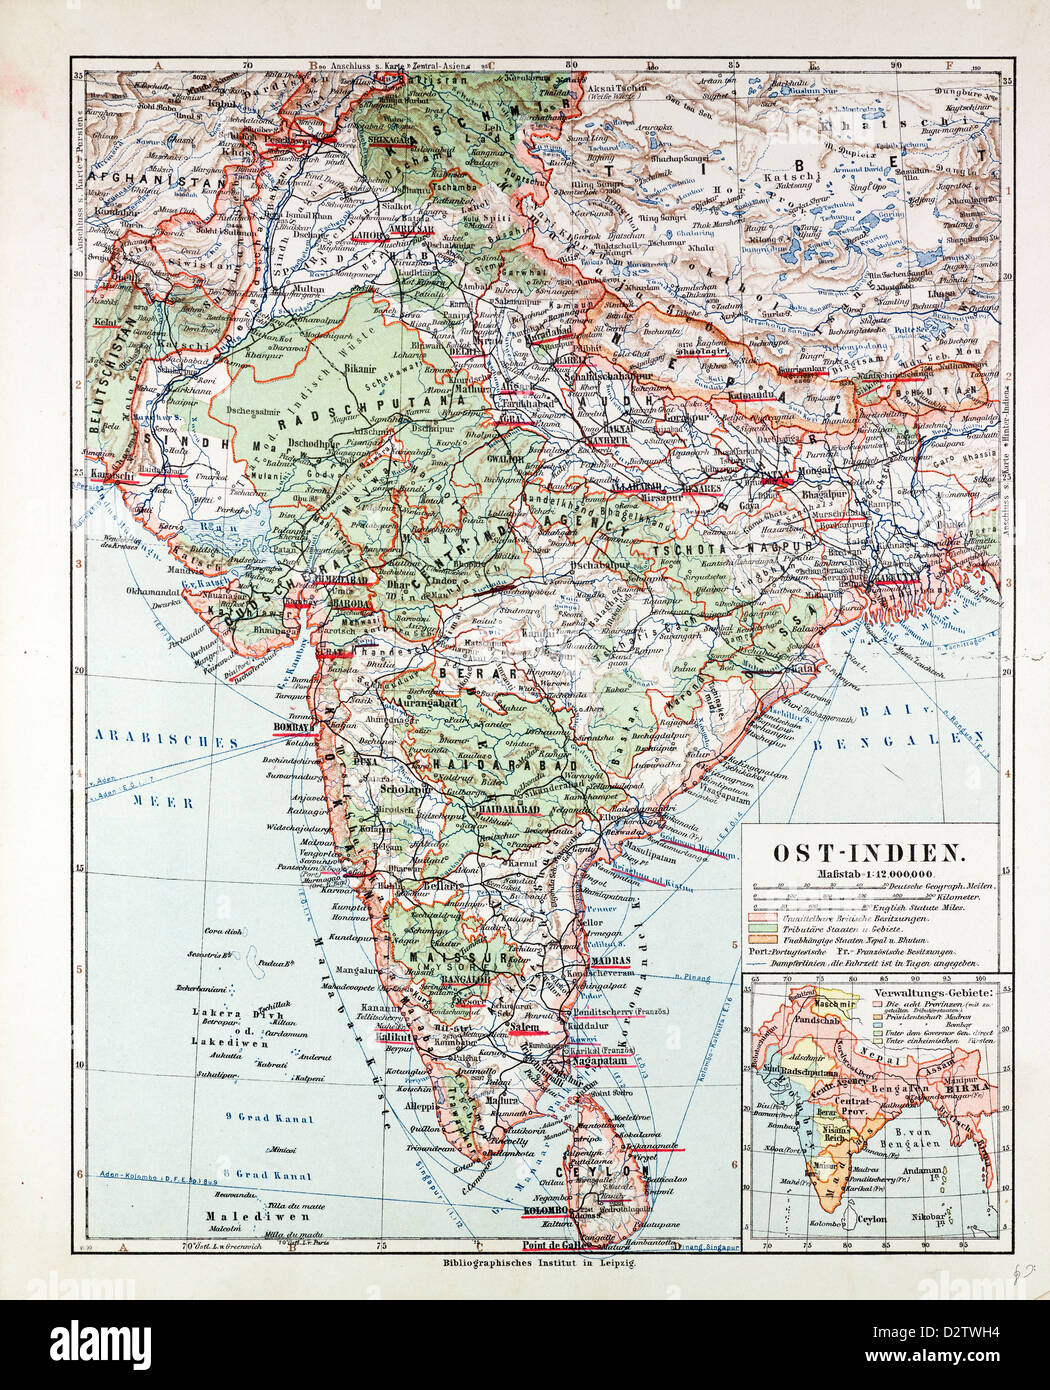 Cartina India Pakistan.Map Of Pakistan High Resolution Stock Photography And Images Alamy